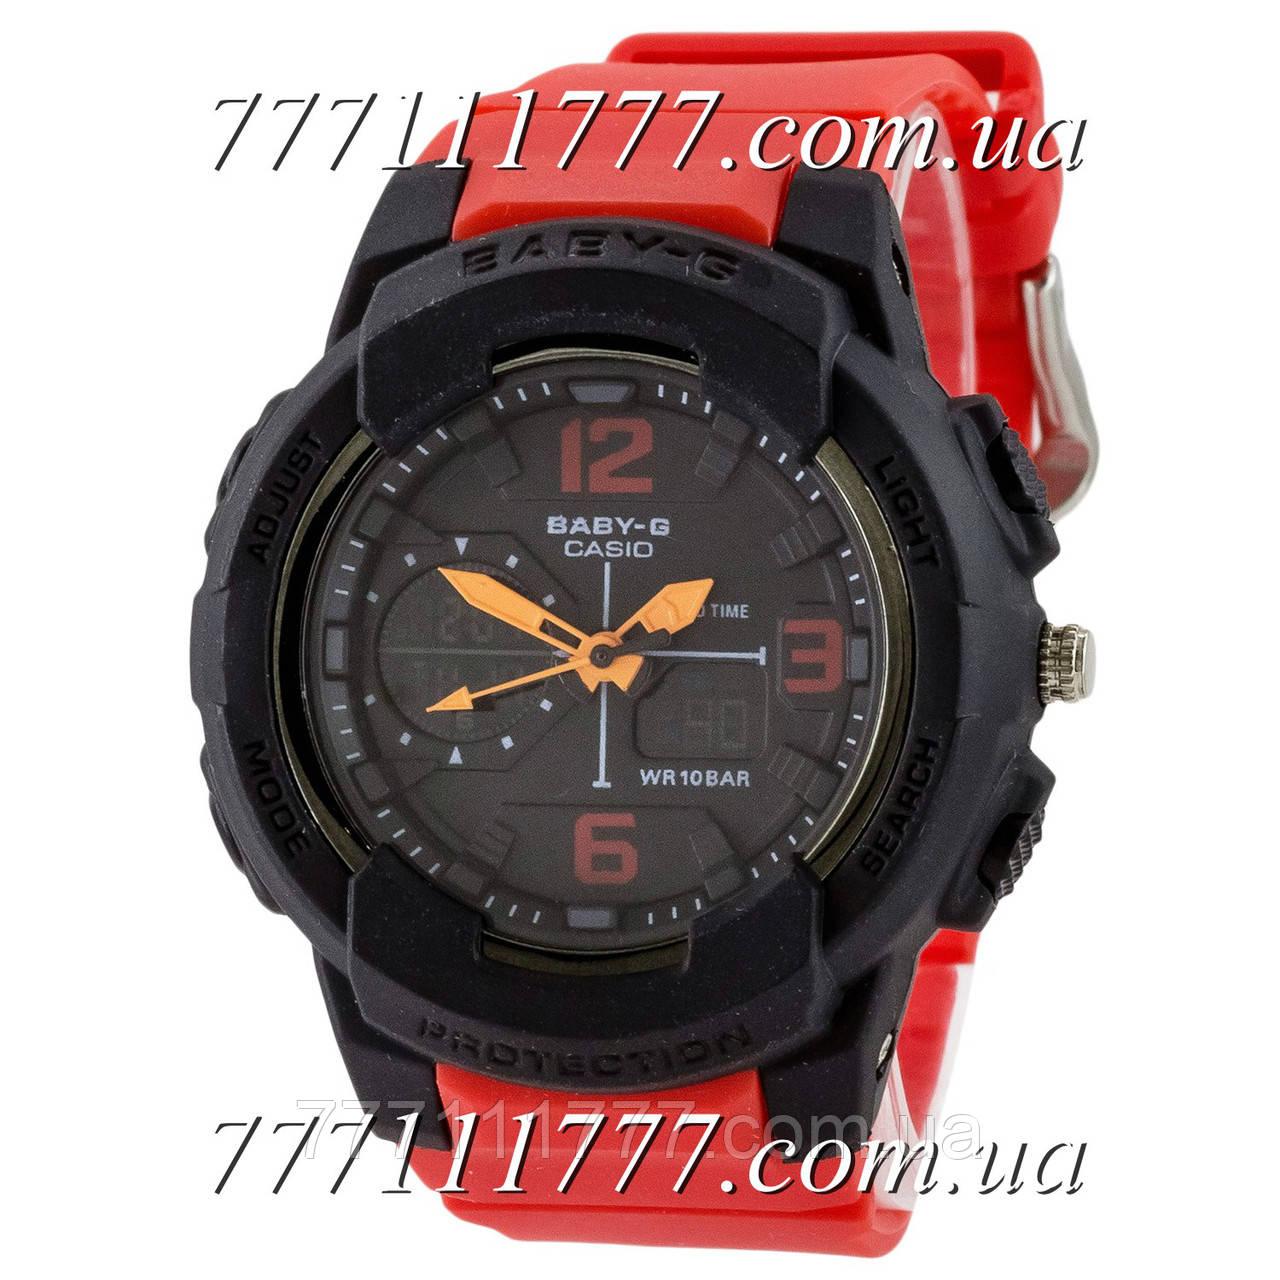 Часы наручные casio baby купить копий швейцарских часов